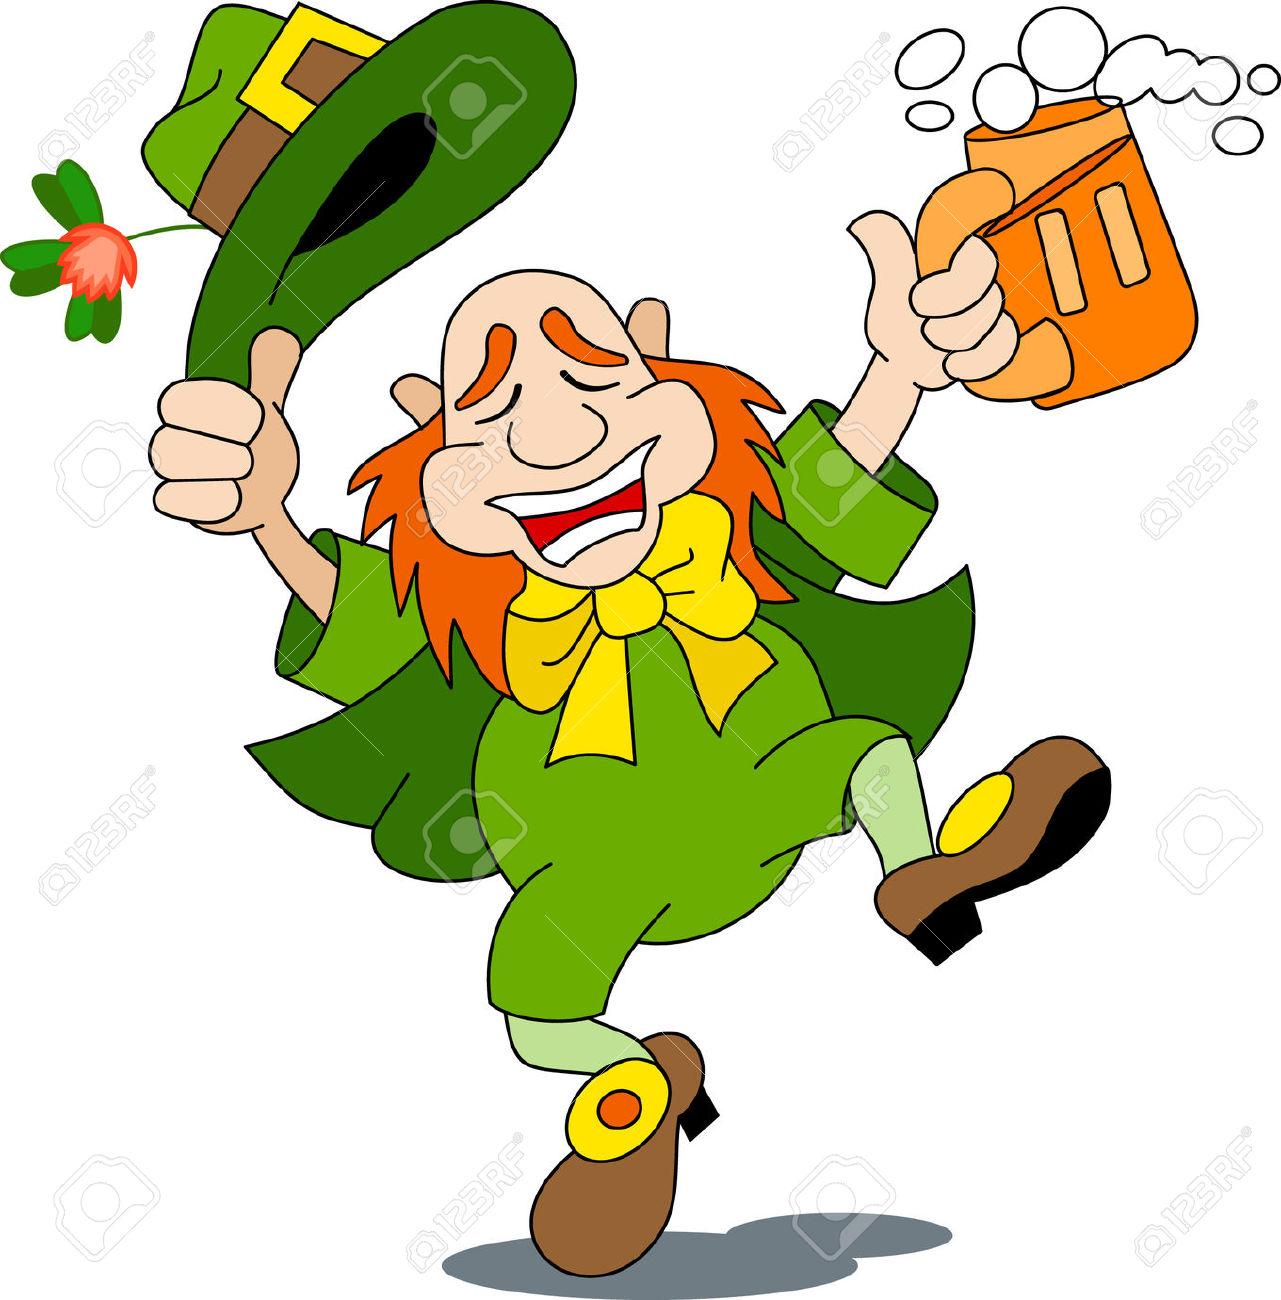 drunken irishman clipart 20 free Cliparts | Download ...